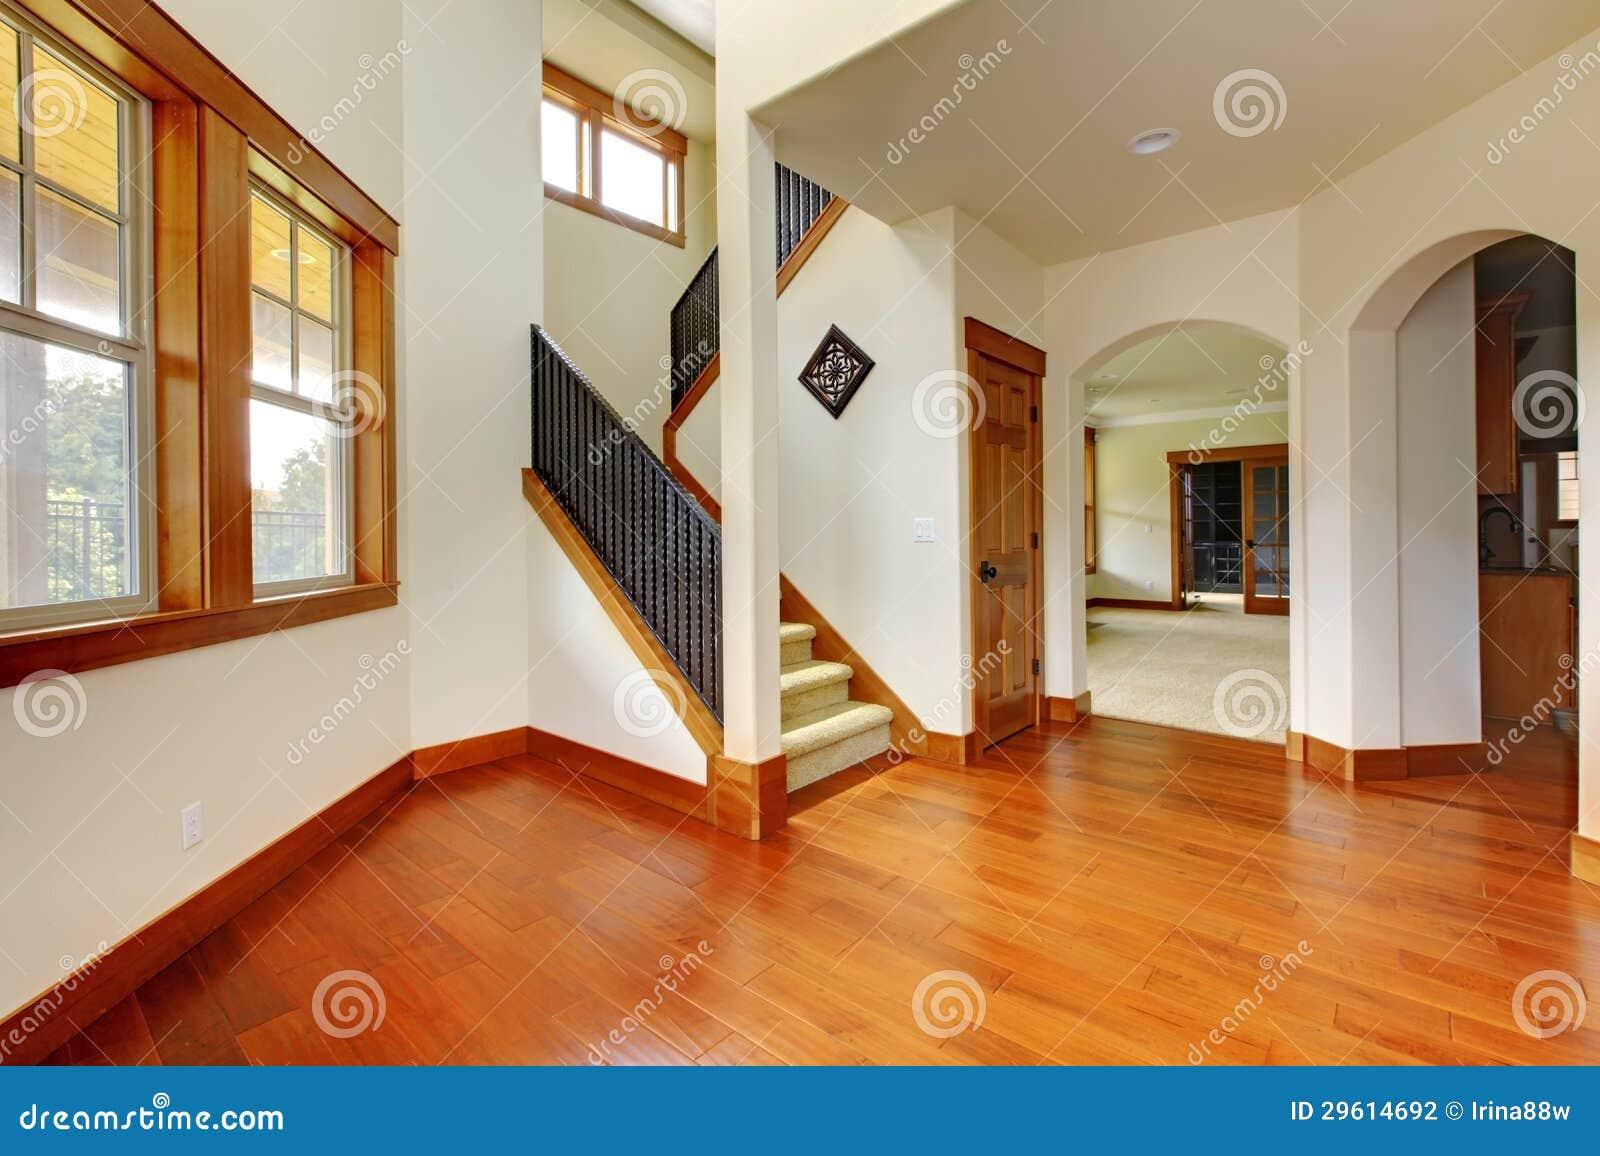 Belle entr e la maison avec l 39 tage en bois int rieur la maison de luxe neuf photographie for Belle interieur maison